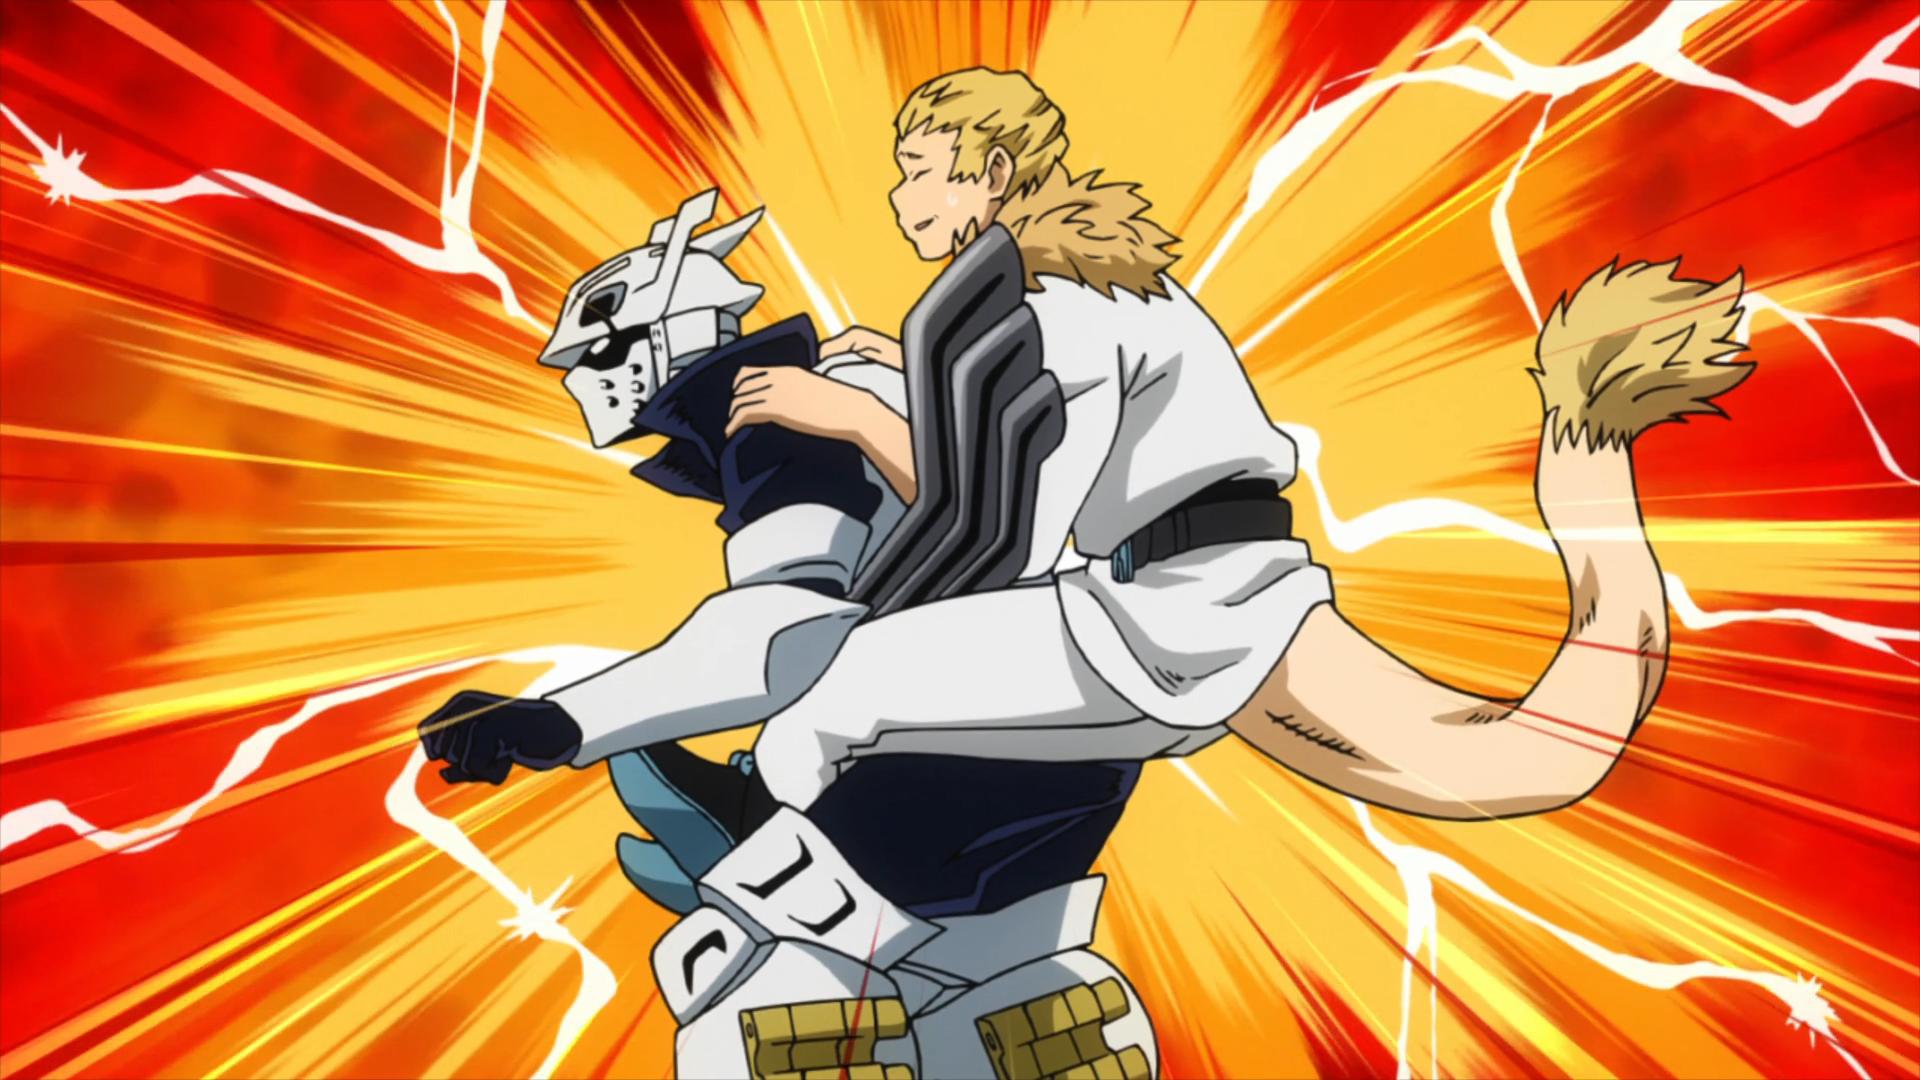 Tenya Iida & Mashirao Ojiro vs  Higari Maijima | My Hero